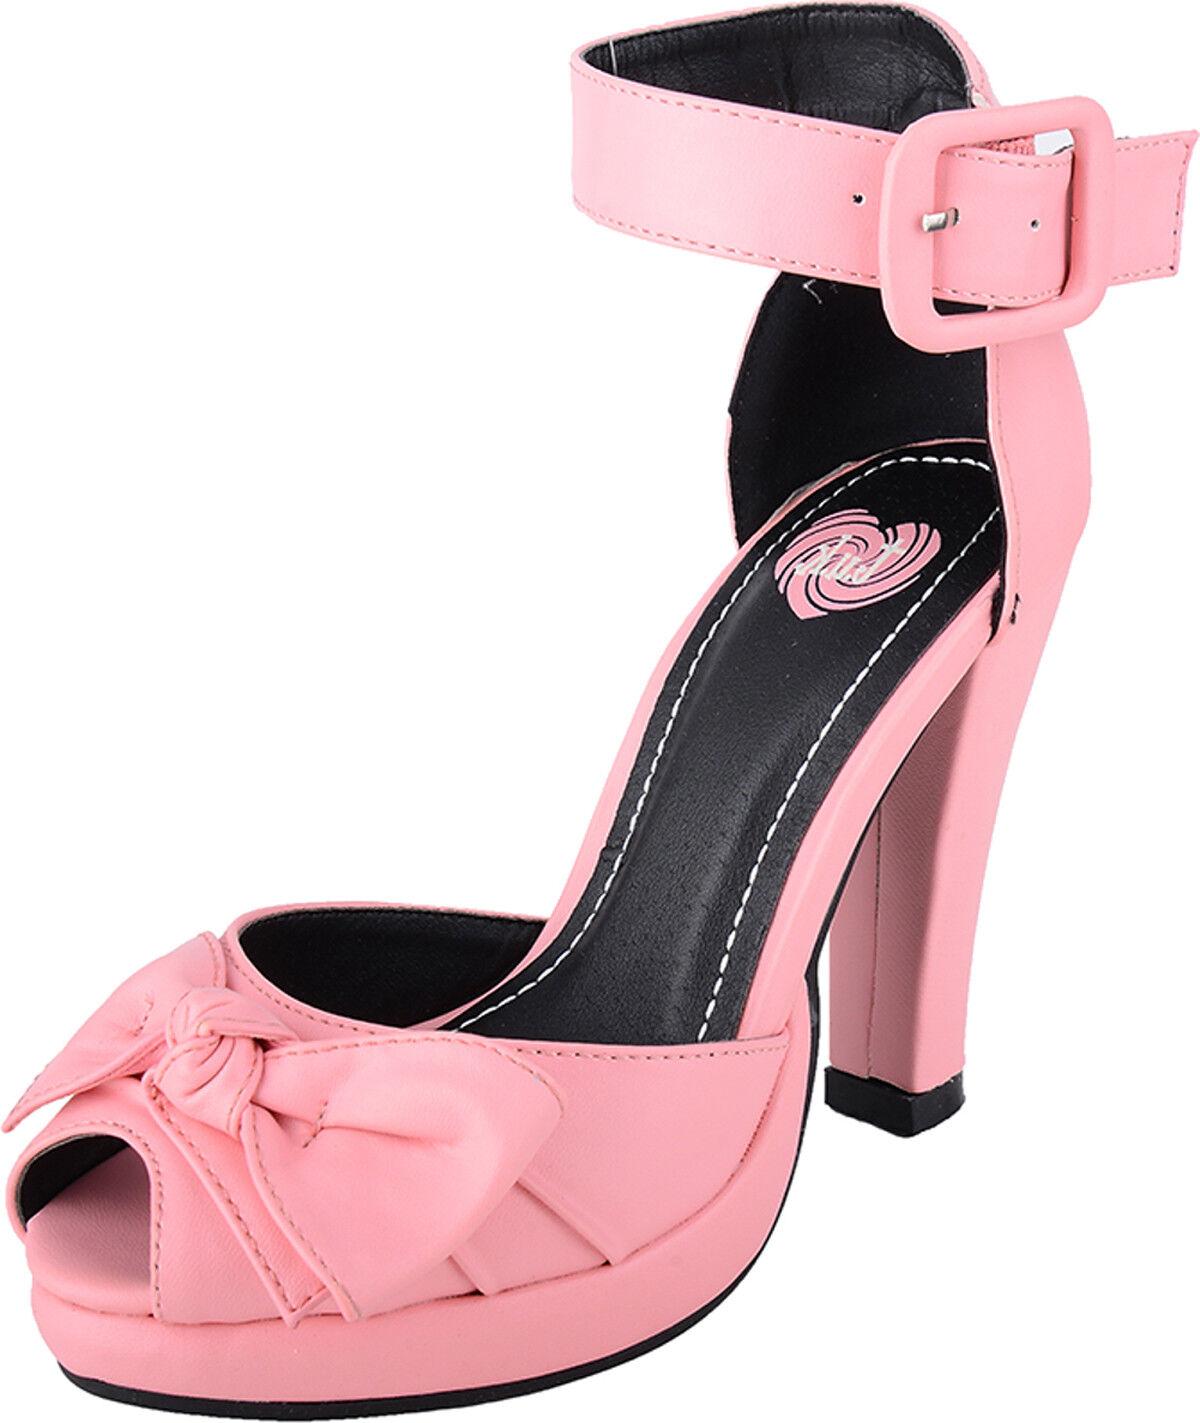 T.U.K. Knot botín con con con tiras Bow pin up tacón alto zapatos rosadodo rockabilly  aquí tiene la última